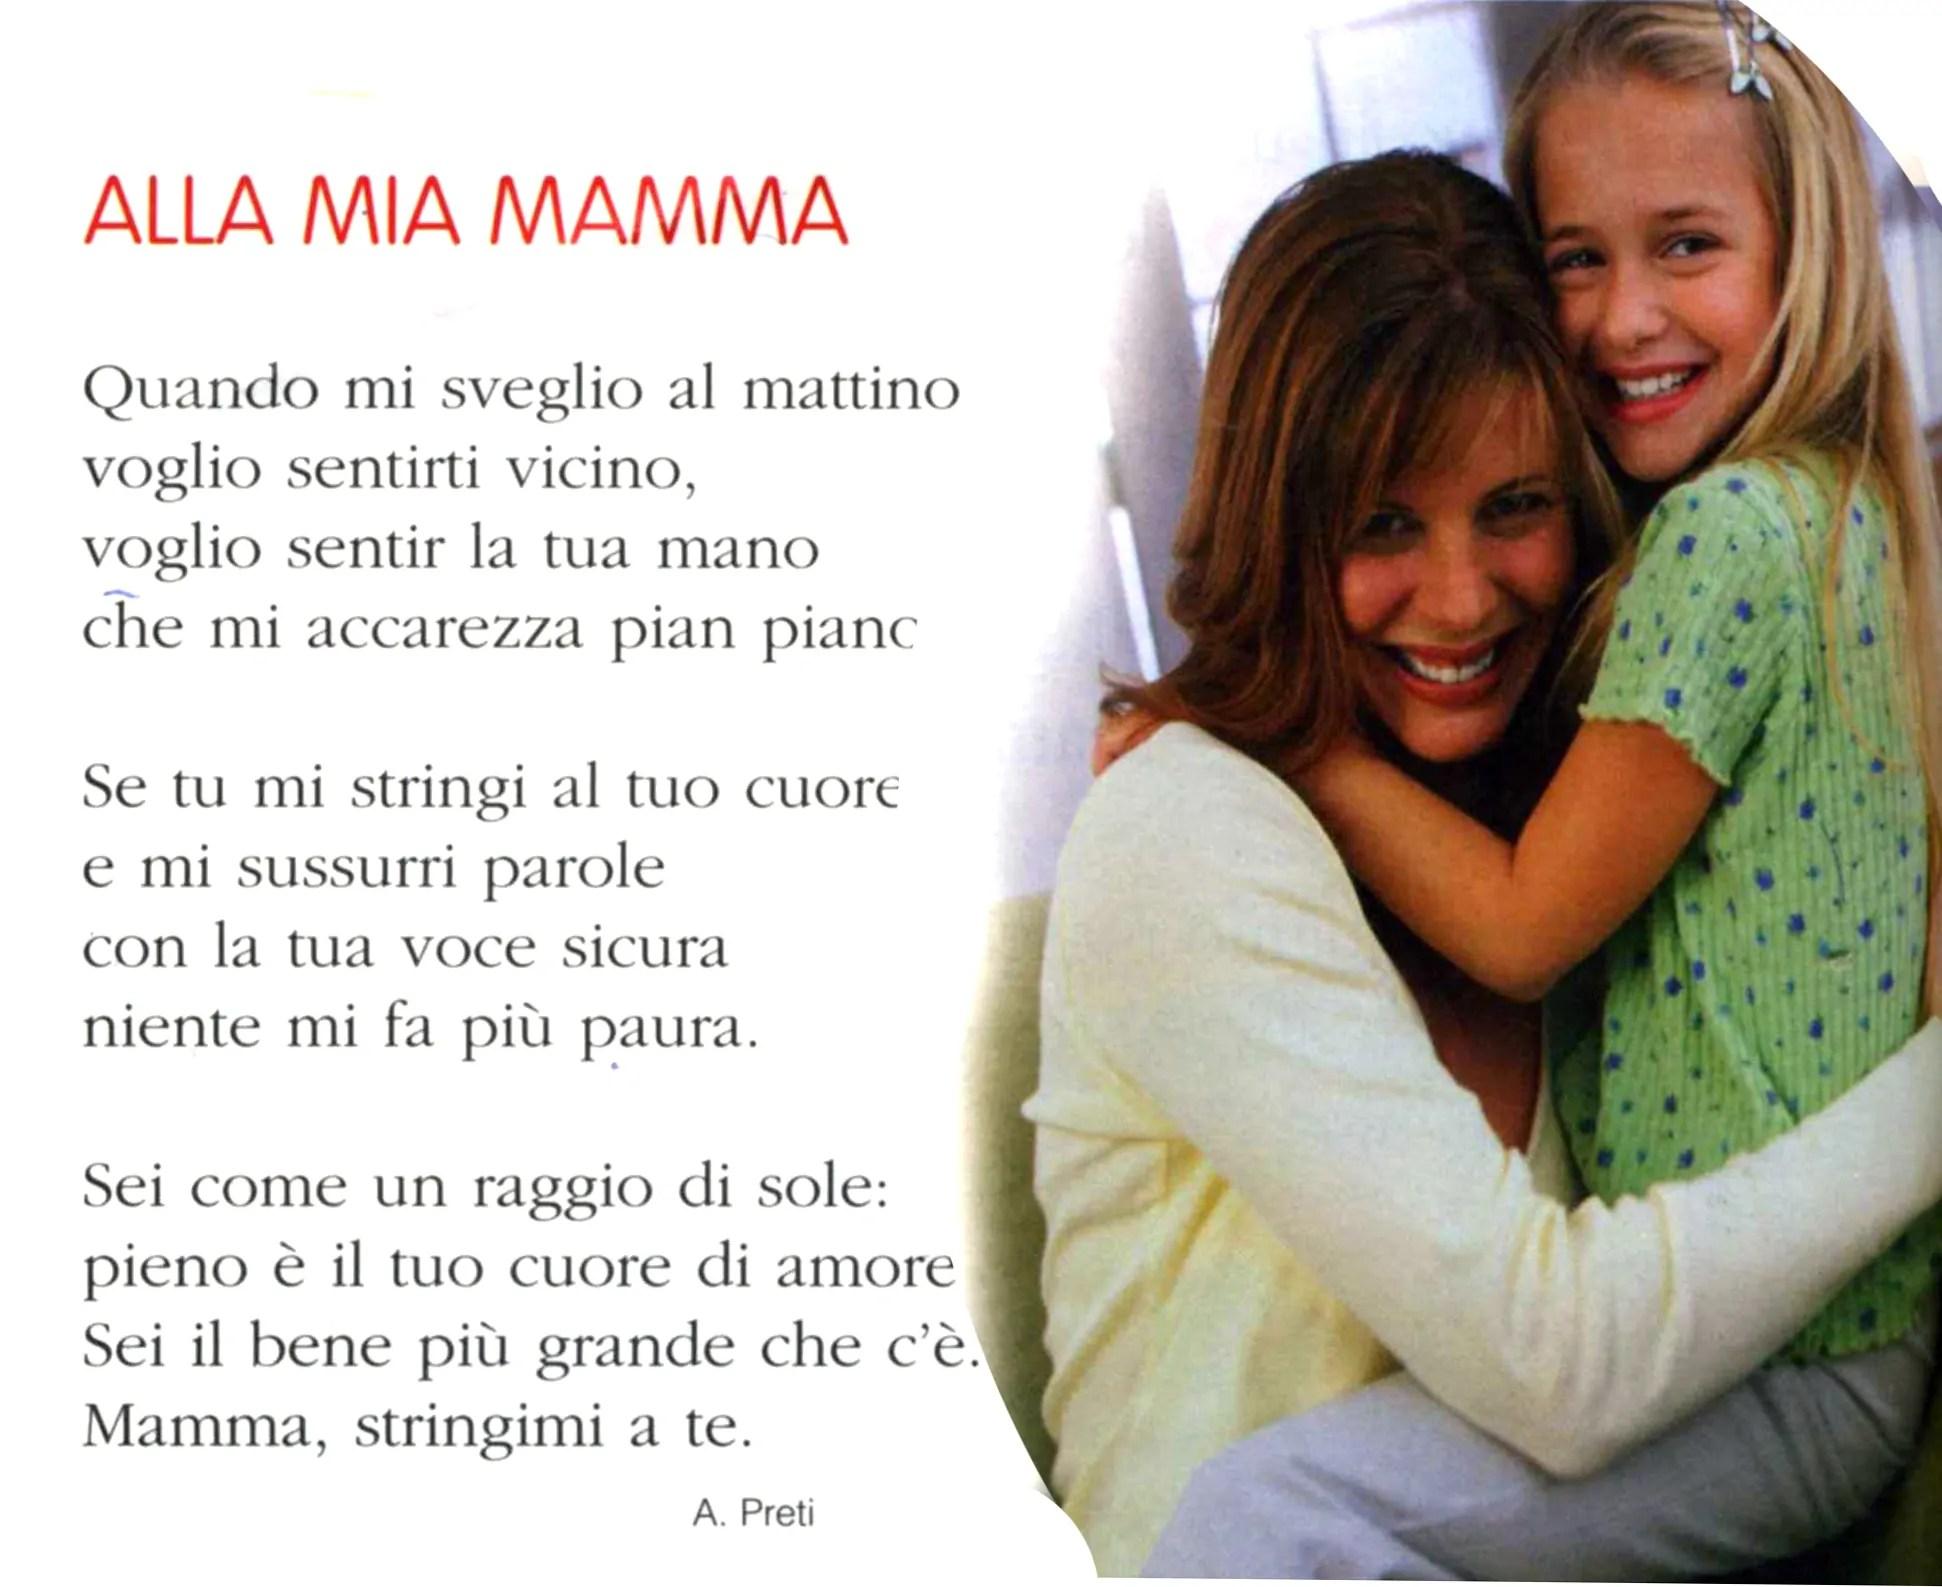 Festa Della Mamma Le Frasi Più Belle Da Inviare Per Gli